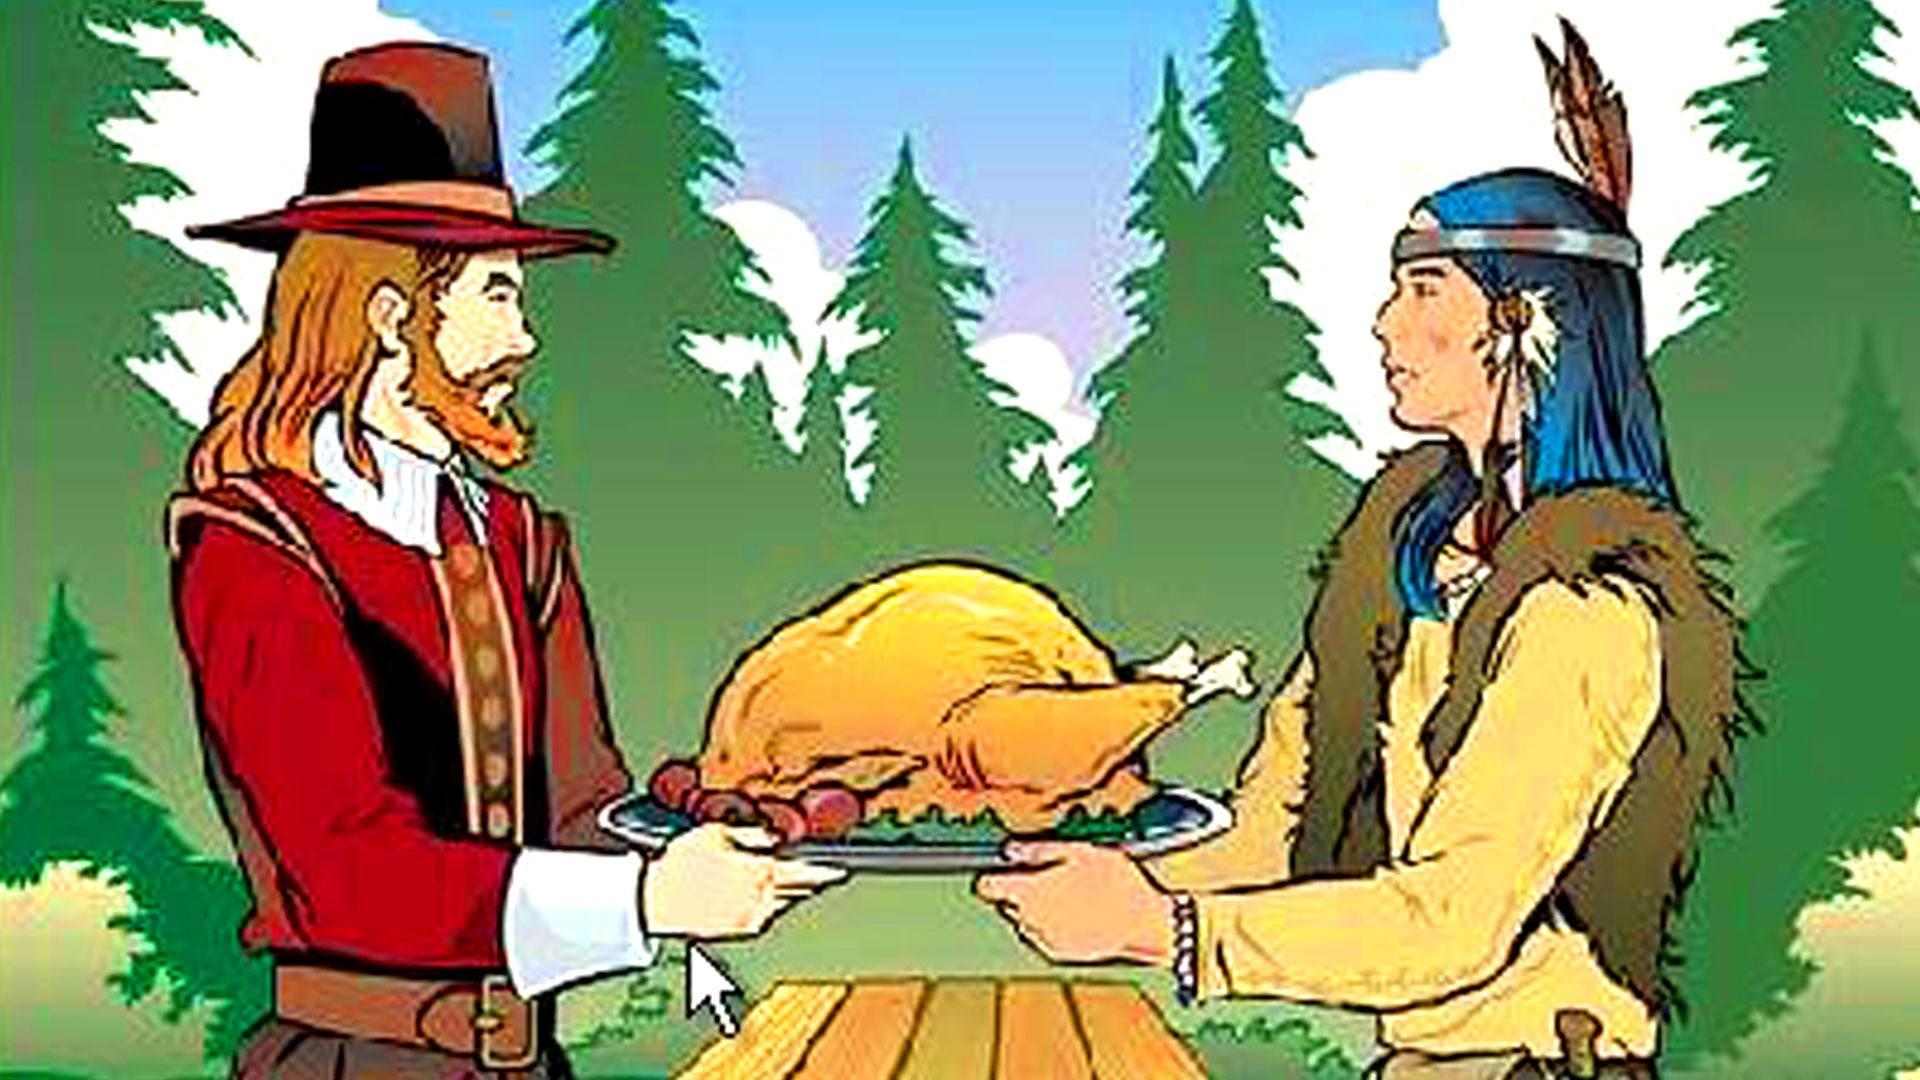 Historia Del Dia De Gracias >> Que Significa El Dia De Accion De Gracias Que Es El Thanksgiving